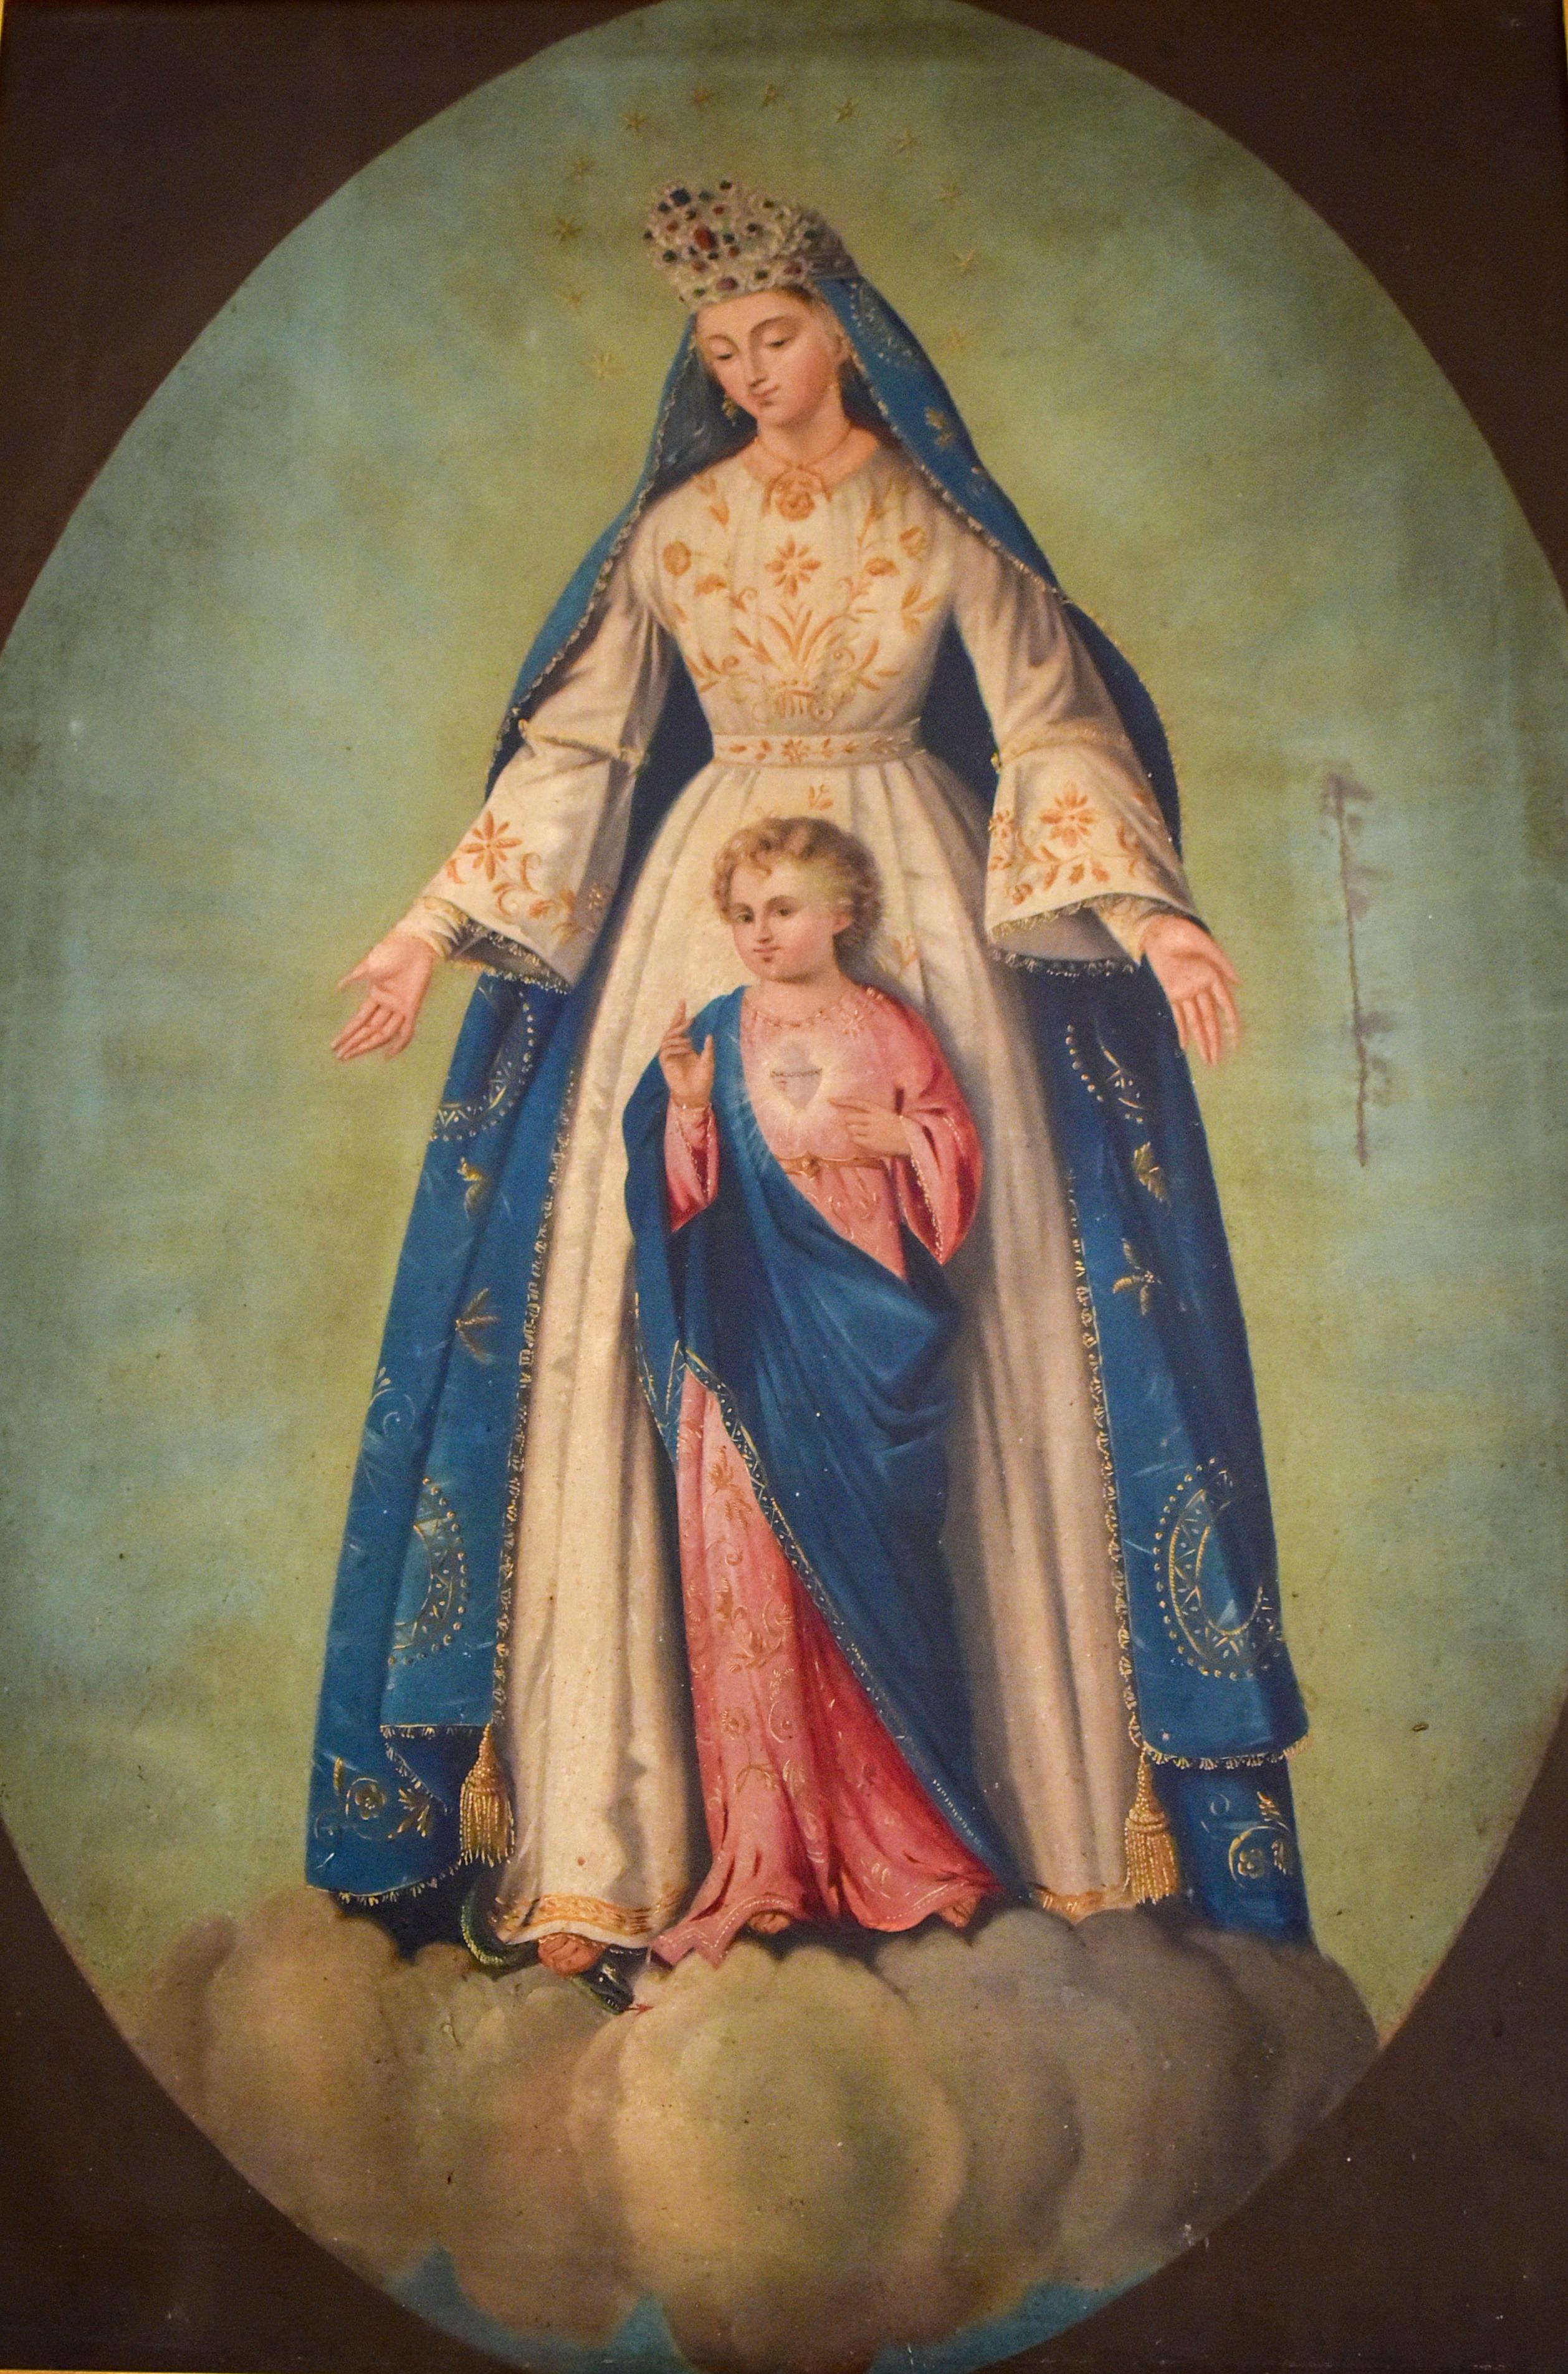 dipinto_Madonna_del_Sacro_Cuore_Sacrestia_della_Chiesa_di_San_Giuseppe_Trinitapoli Foto di Giuseppe Beltotto